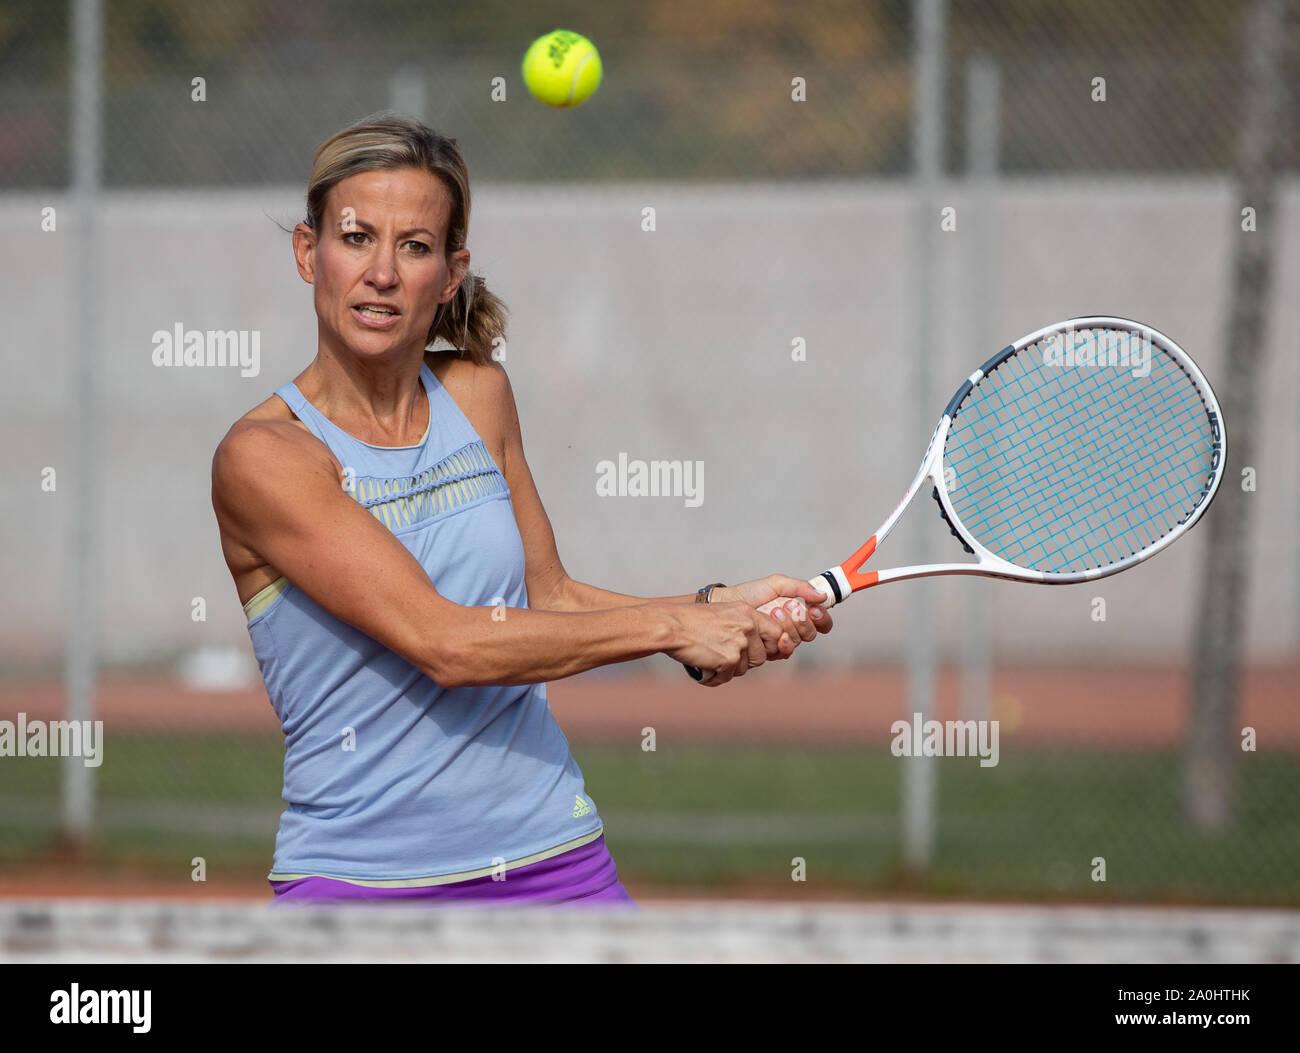 Mujer jugando al tenis golpeando un disparo de revés Foto de stock